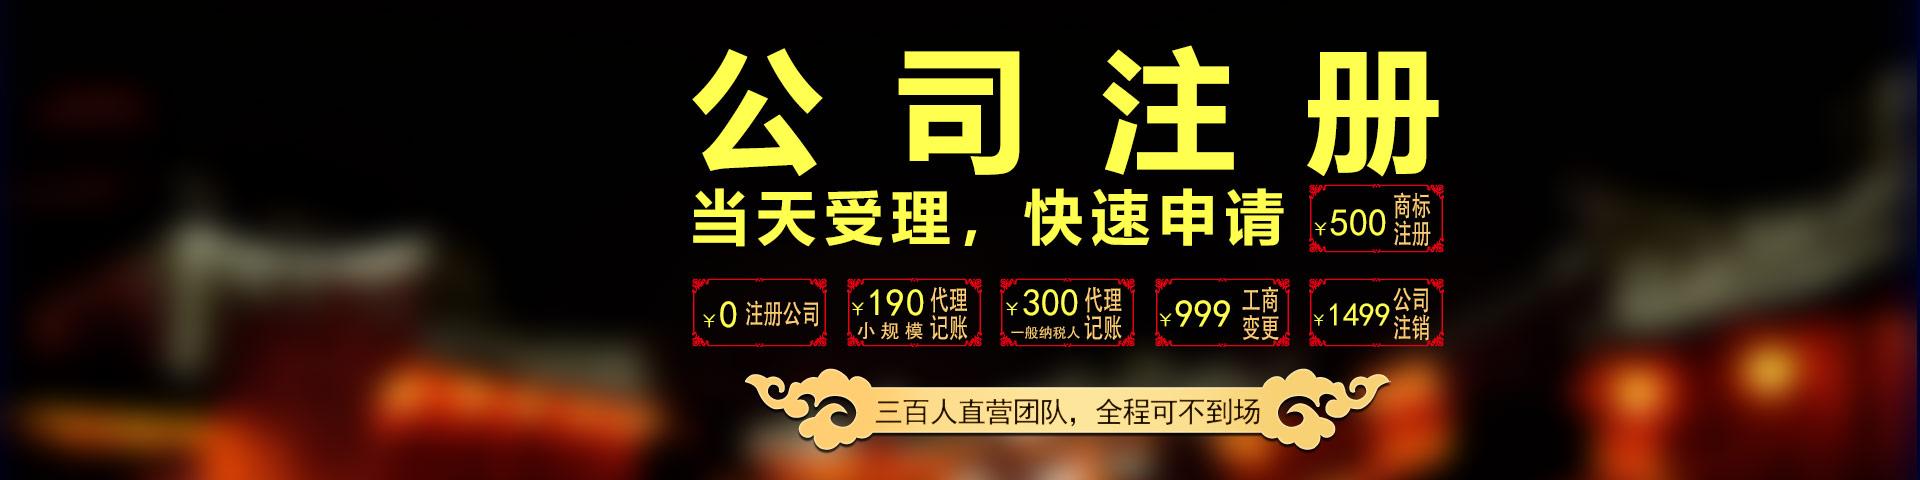 """《食品安全法實(shi)施條例》落實(shi)""""處罰到人"""" 加大違法行為(wei)打擊力度"""